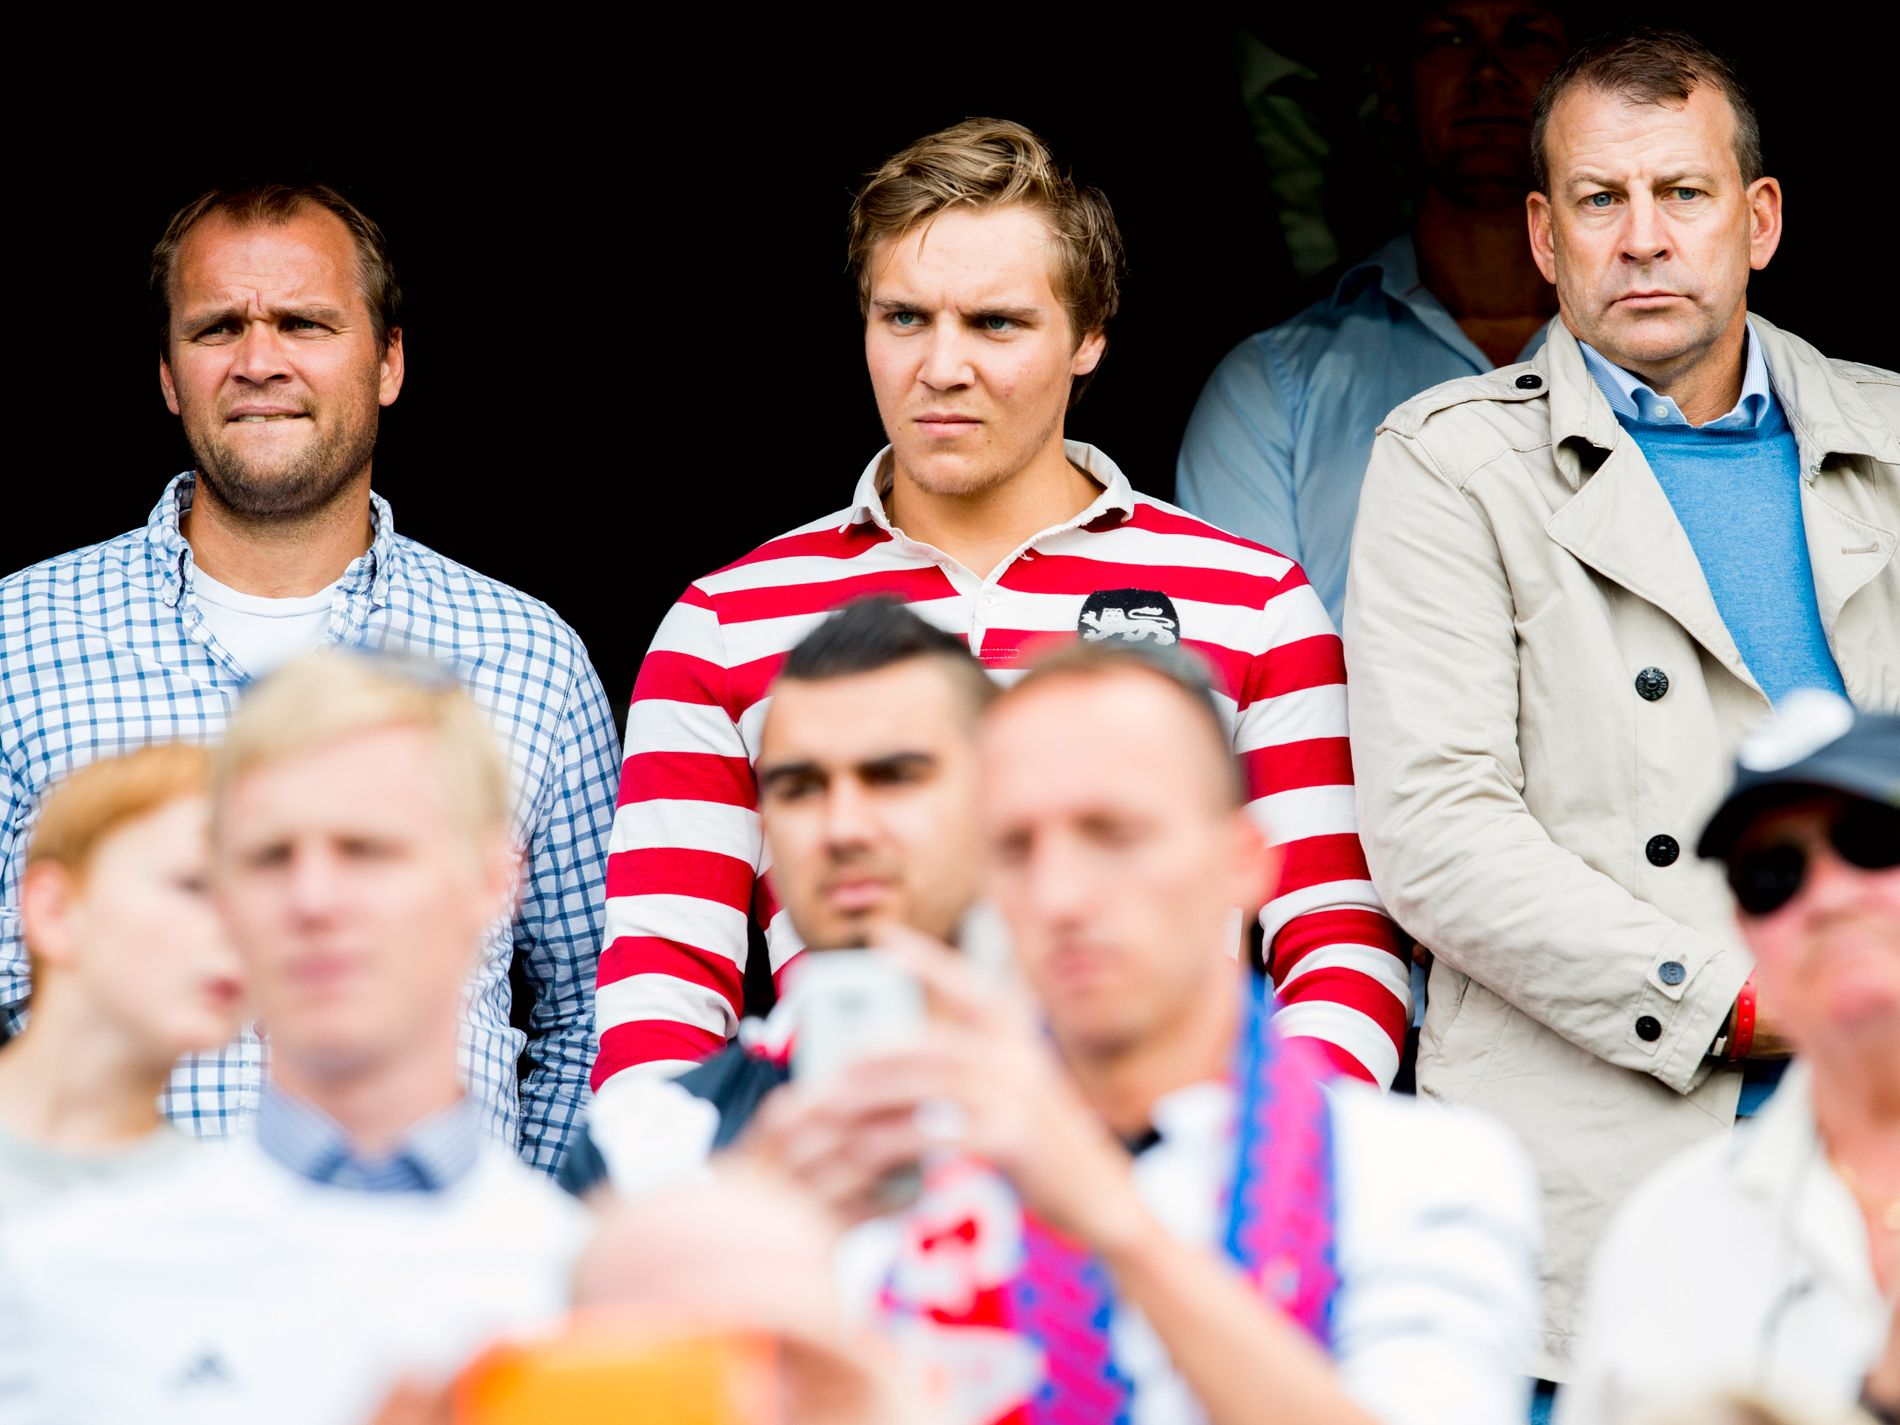 Hans Erik Ødegaard (t.v.) og Tore Pedersen (t.h.) på tribunen under treningskampen mellom Vålerenga og Real Madrid i 2015.